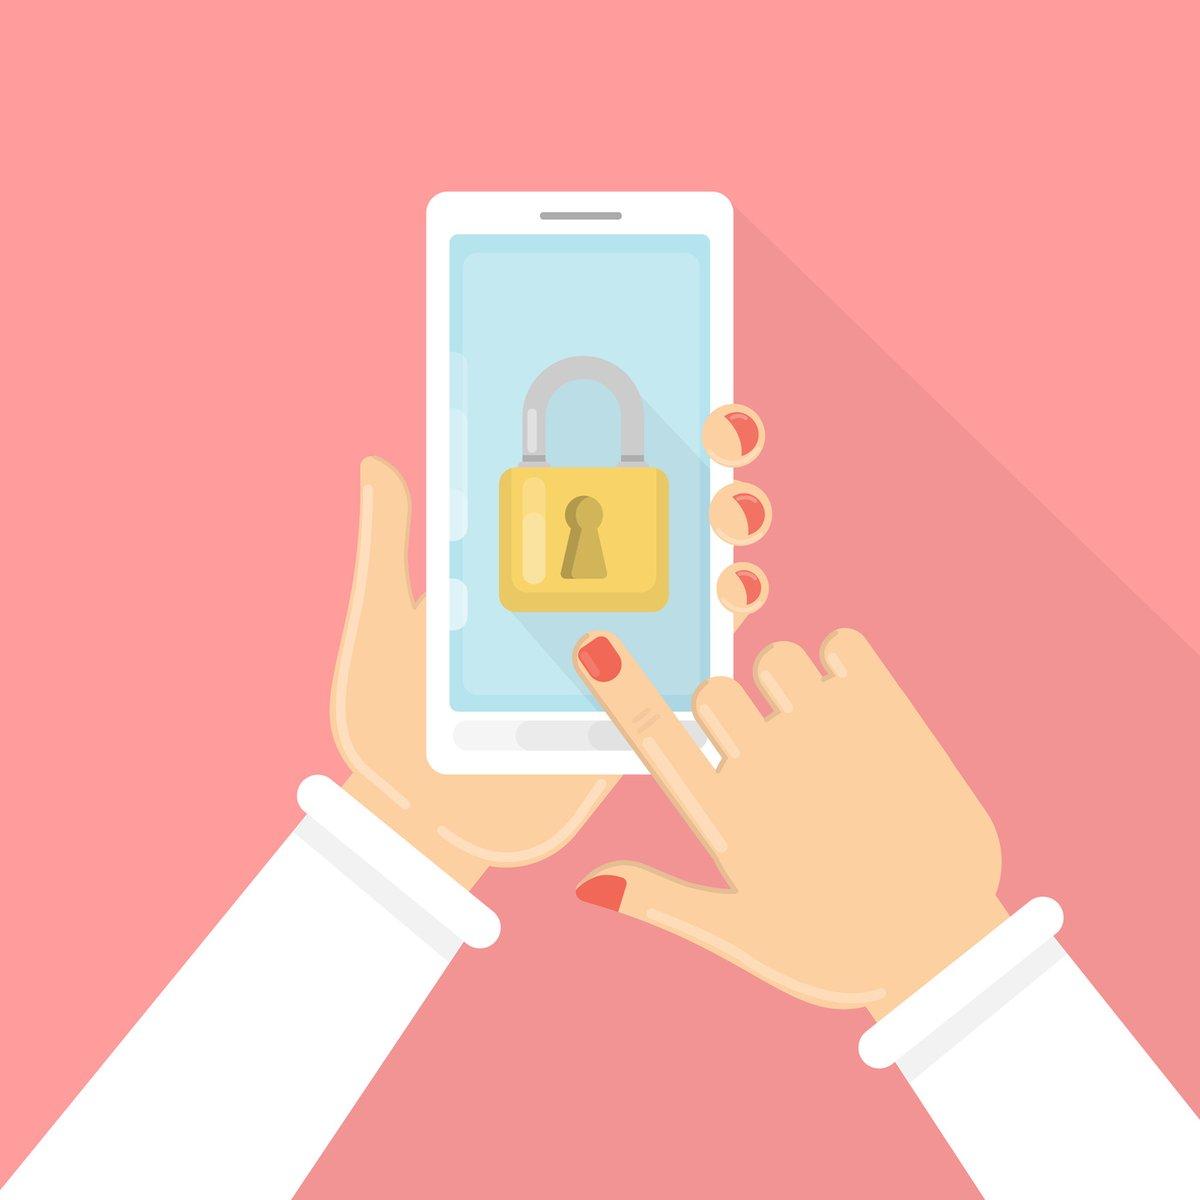 Mobilní senzory zvyšují riziko odhalení PIN kódu, tvrdí studie